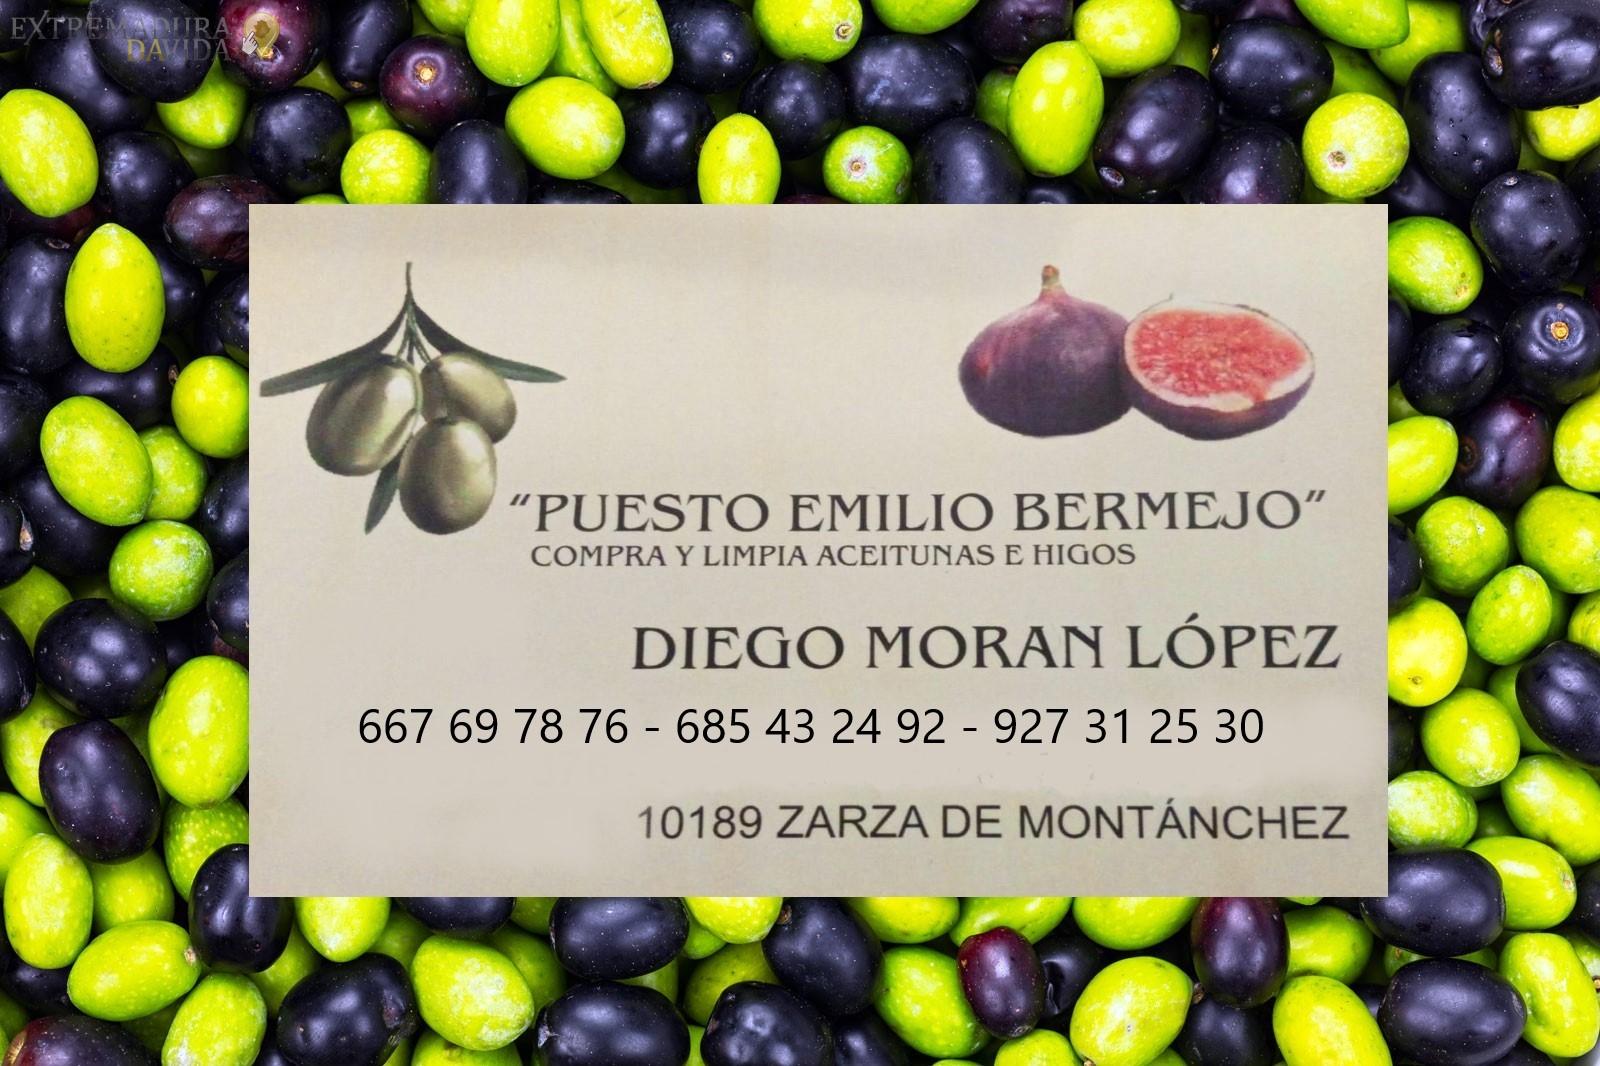 Compra de aceitunas Cáceres Puesto Emilio Bermejo Zarza de Montanchez